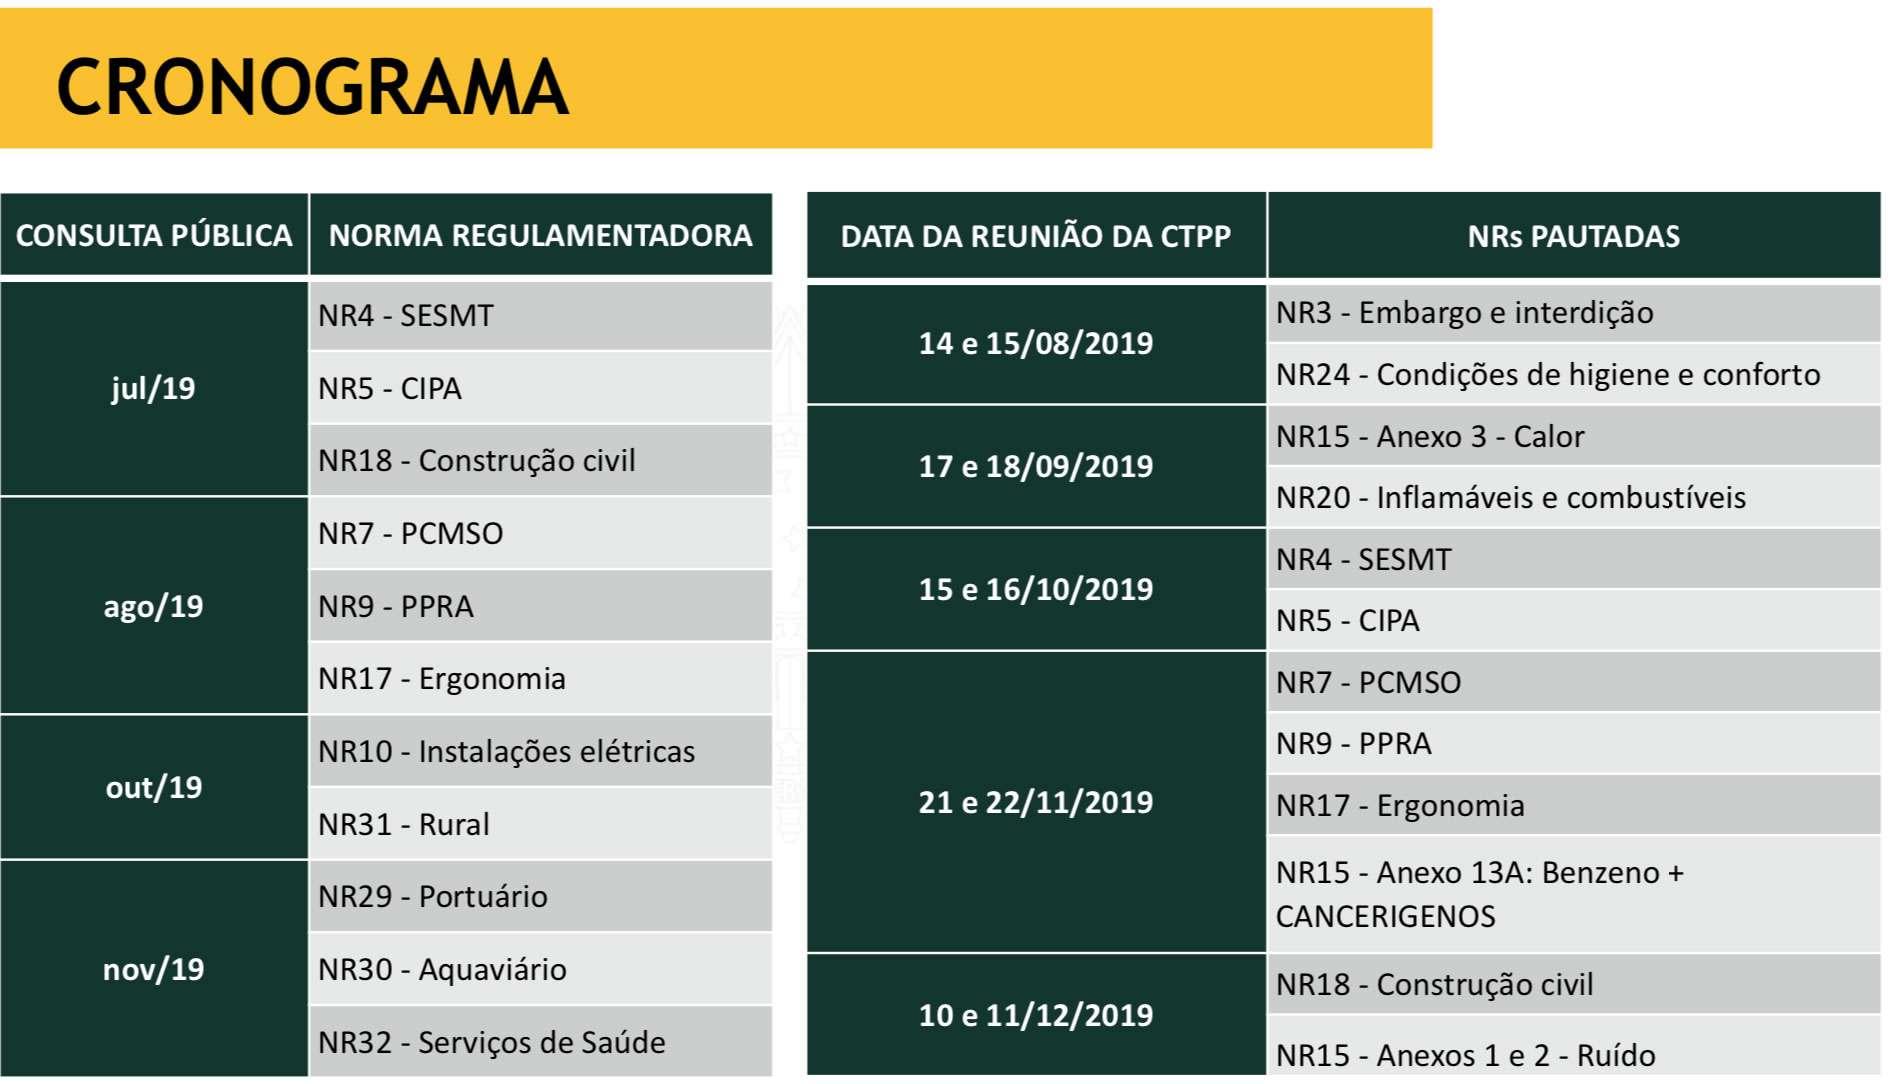 ATUALIZAÇÕES NAS NORMAS REGULAMENTADORAS - RS DATA